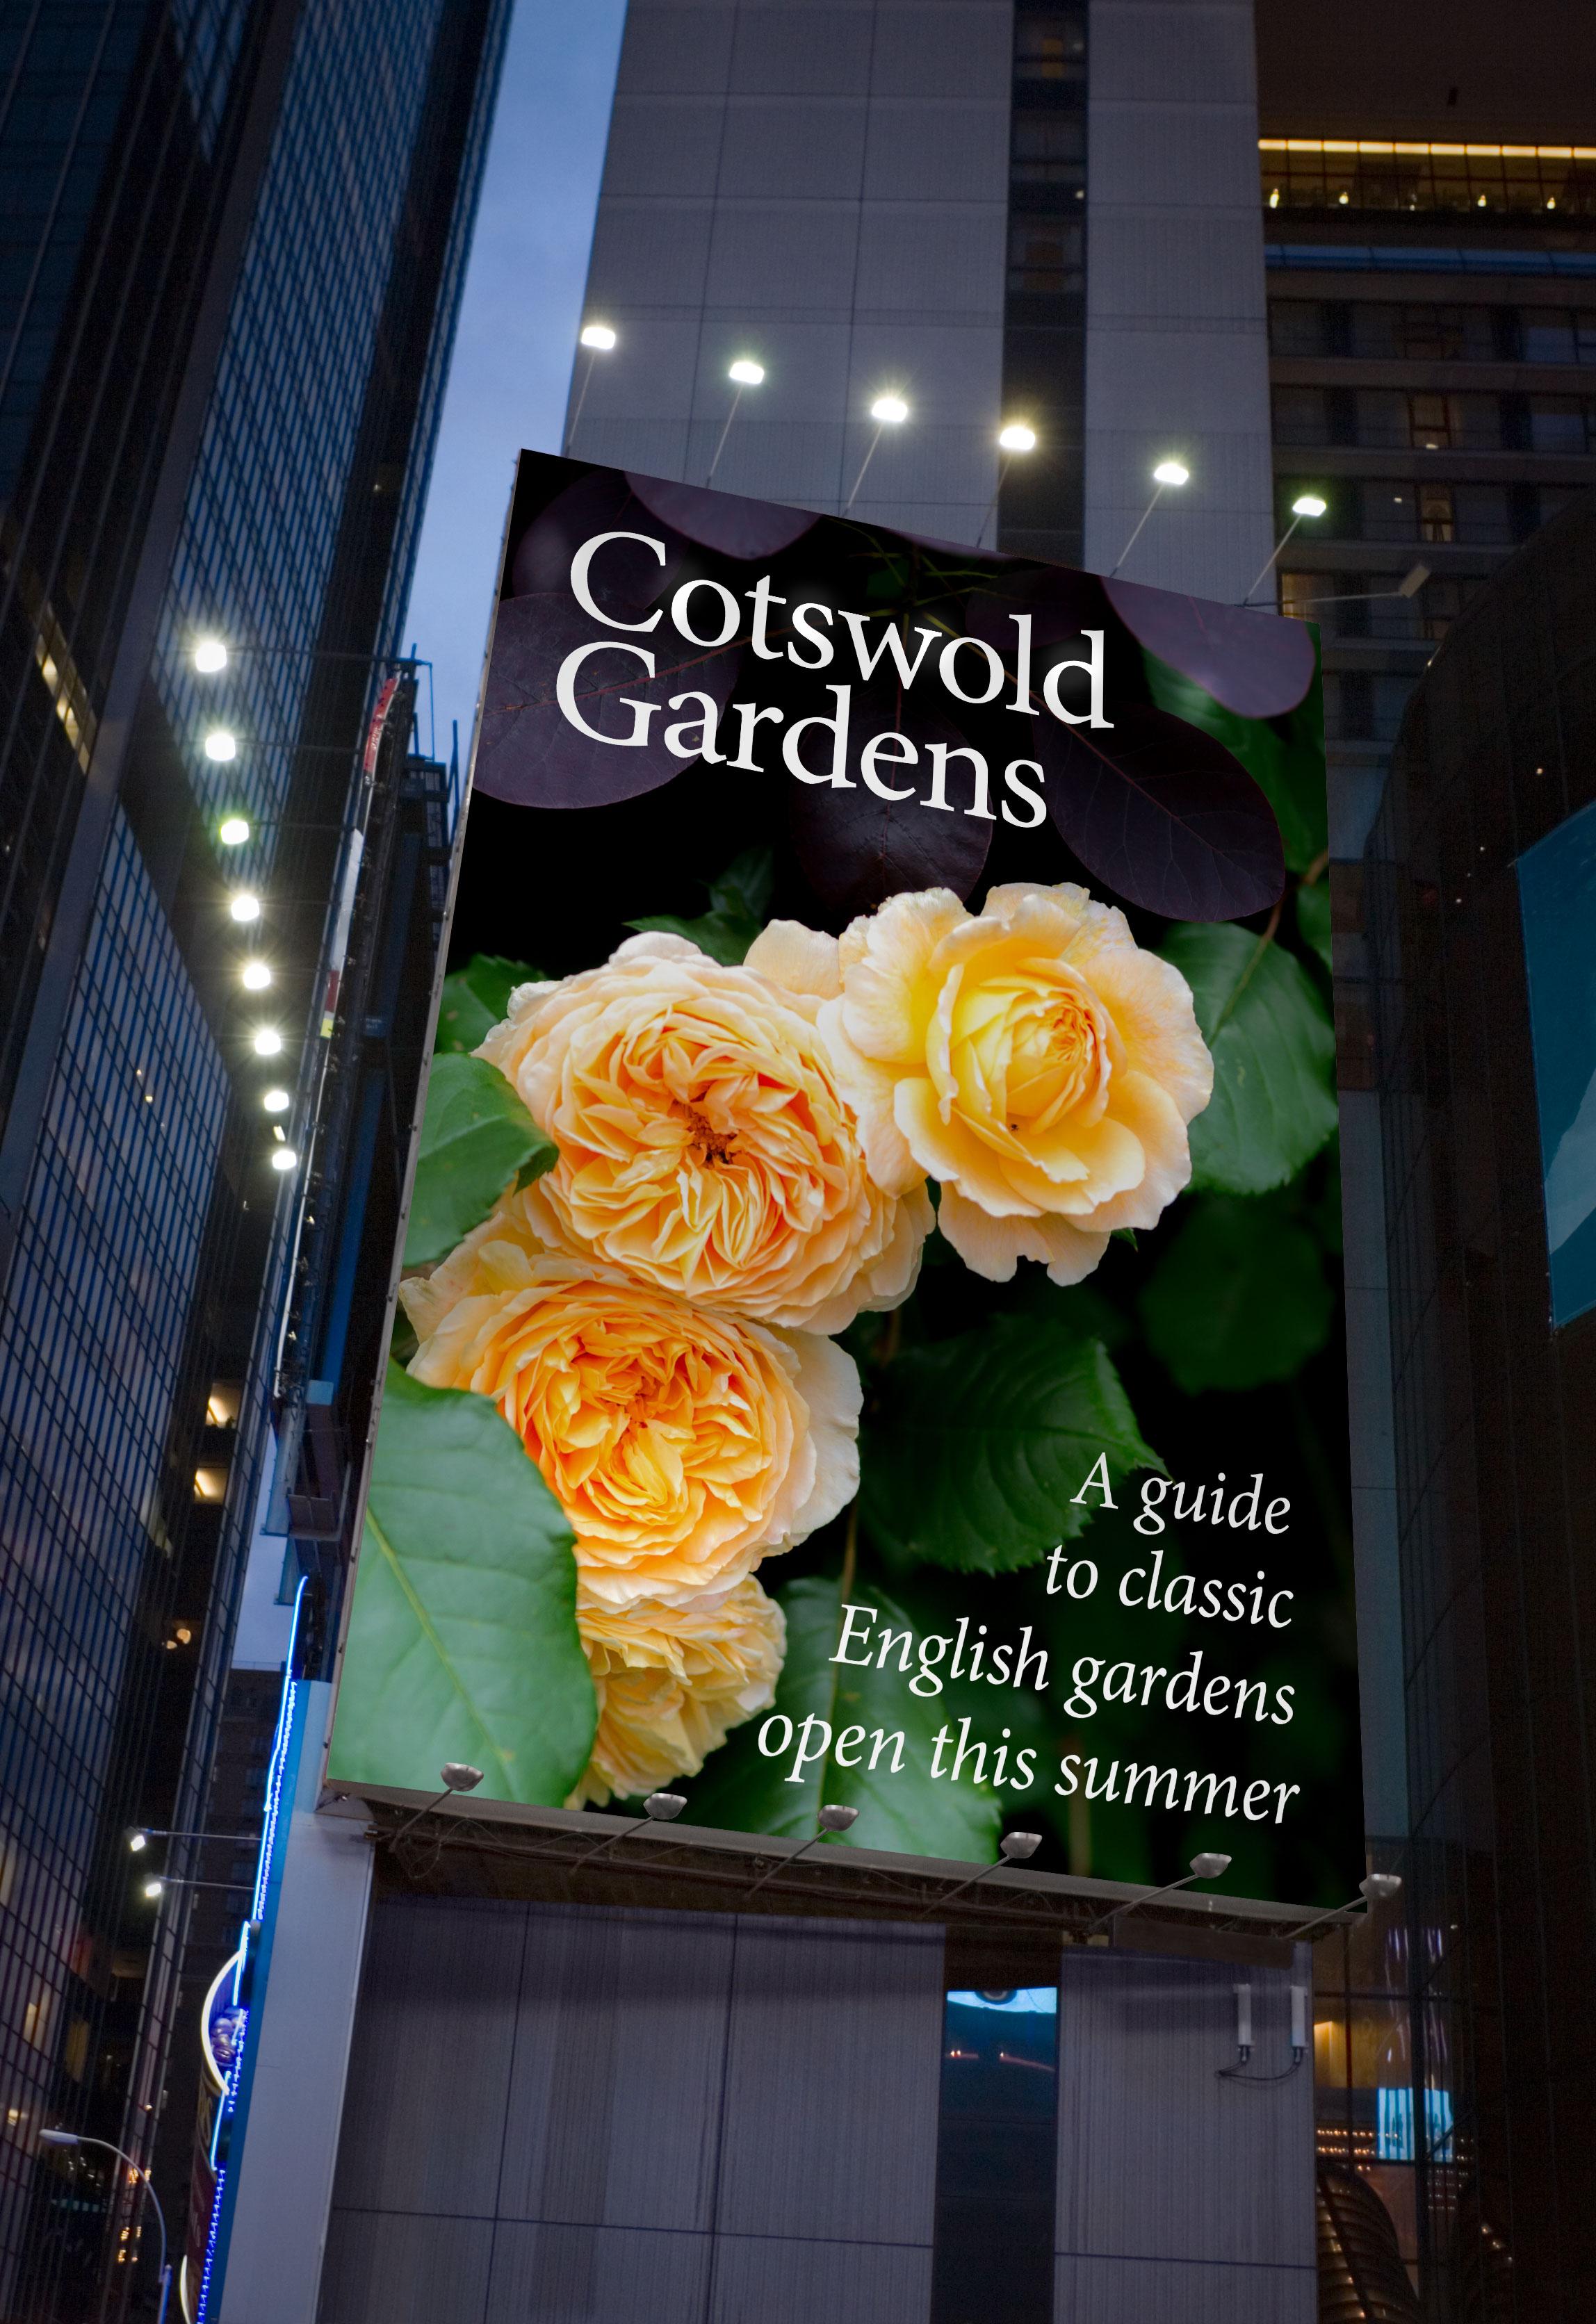 Cotswold-Gardens-Billboard.jpg